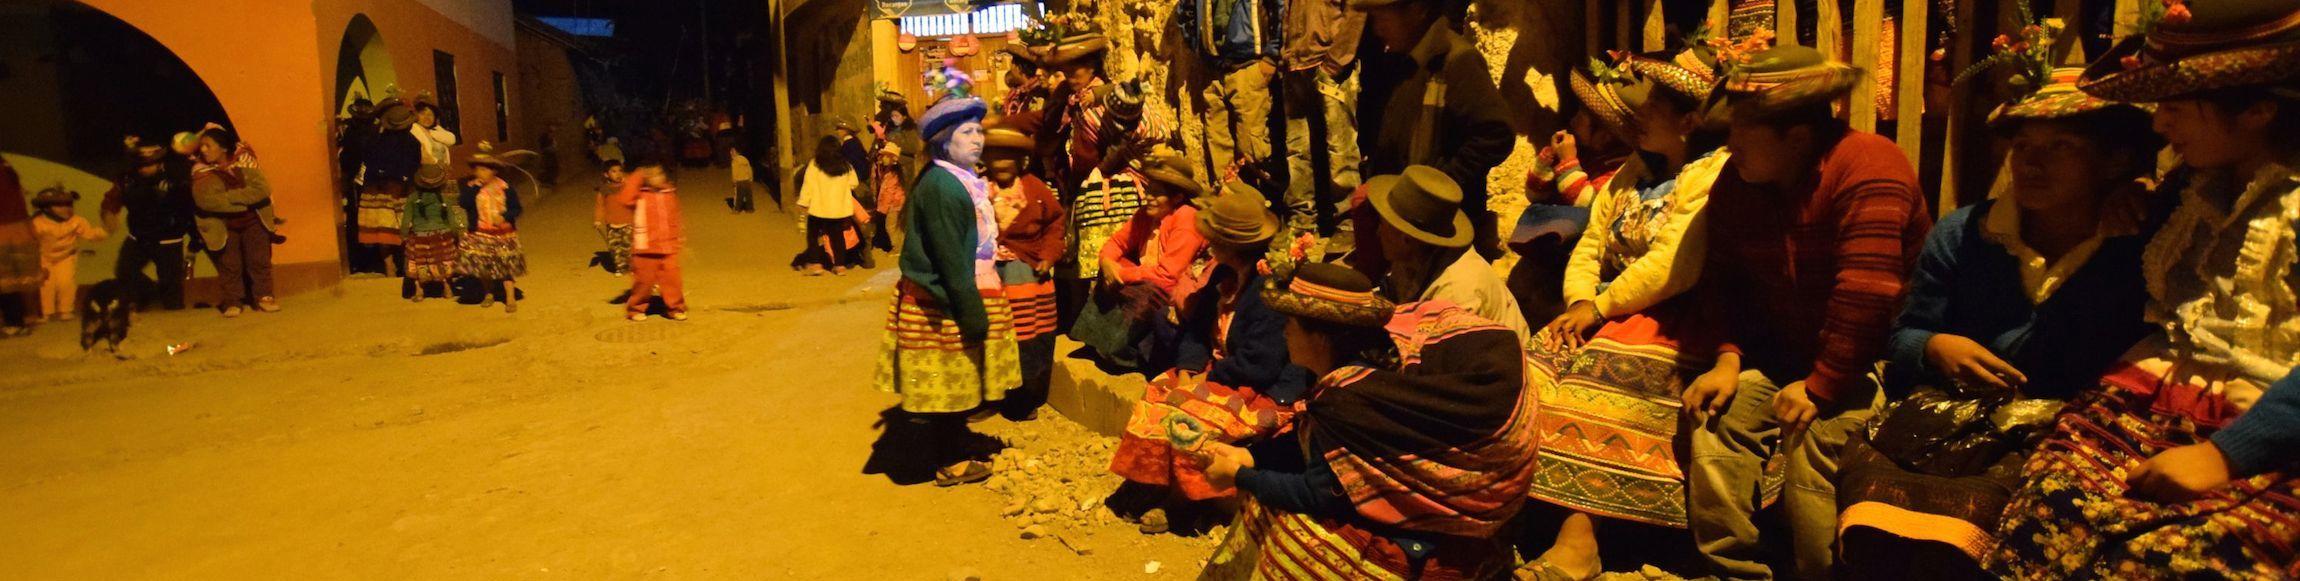 4x4 in Peru viaggio in apurimac